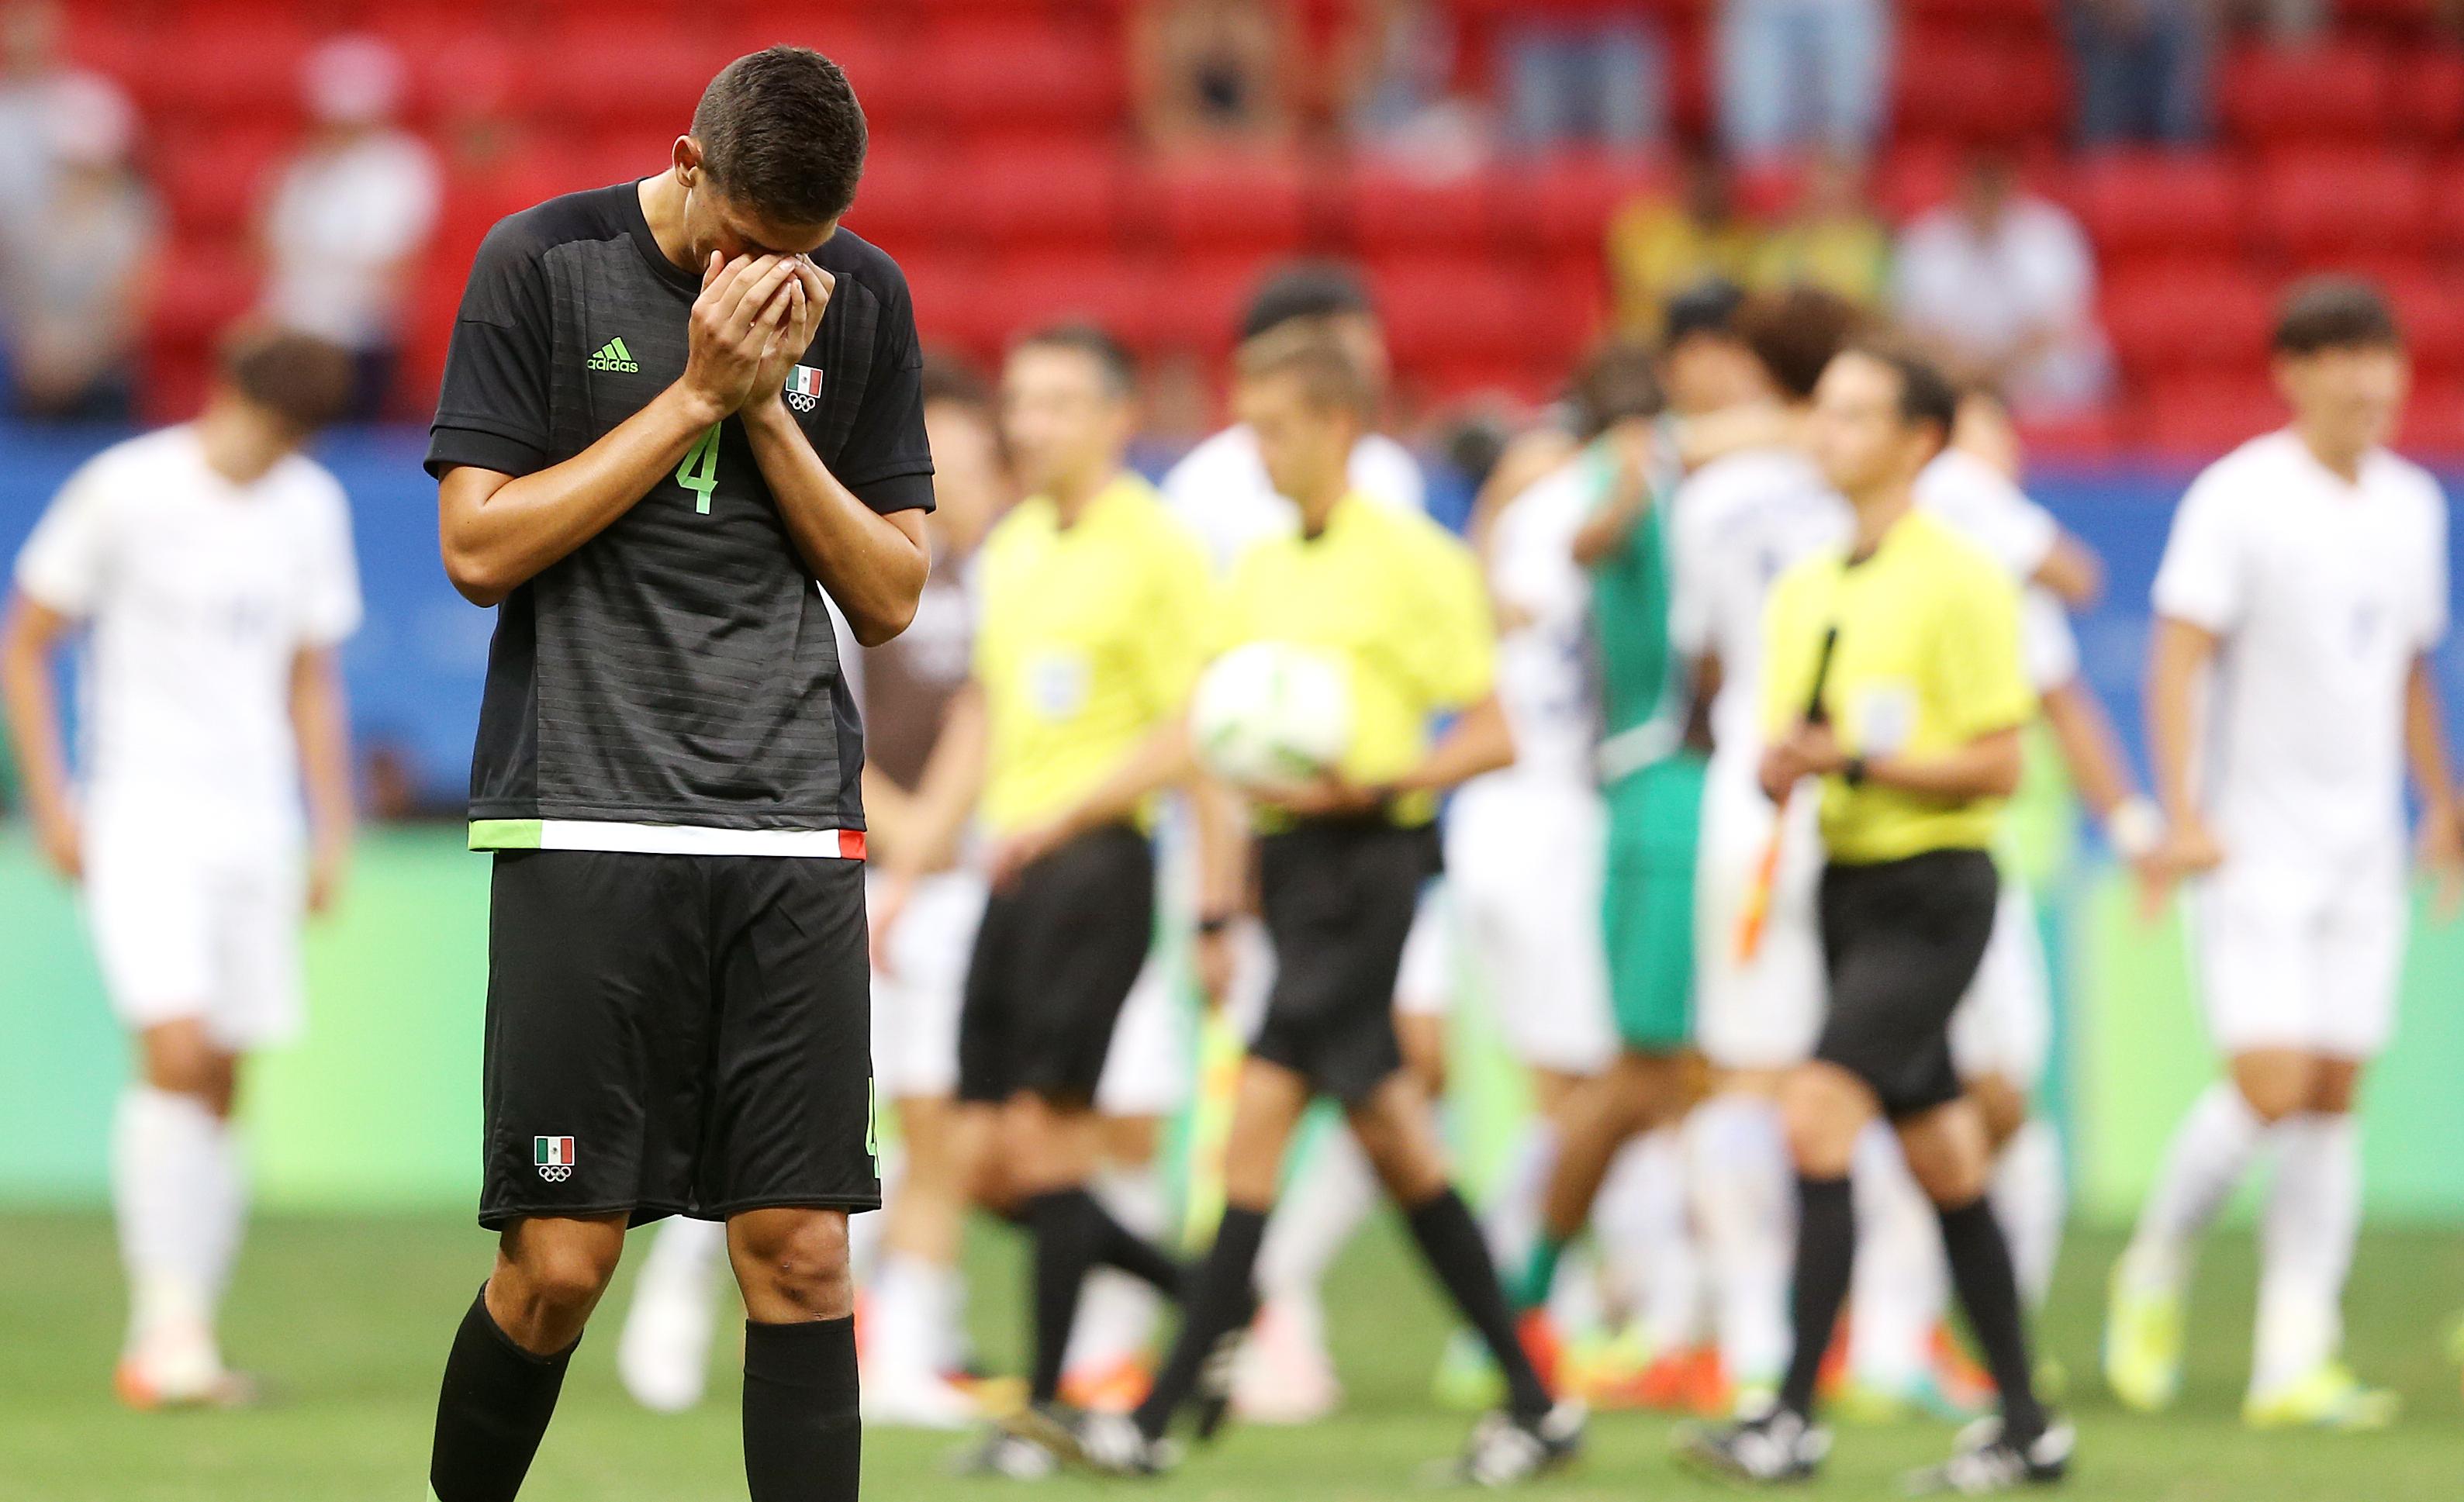 Korea Republic v Mexico: Men's Football - Olympics: Day 5